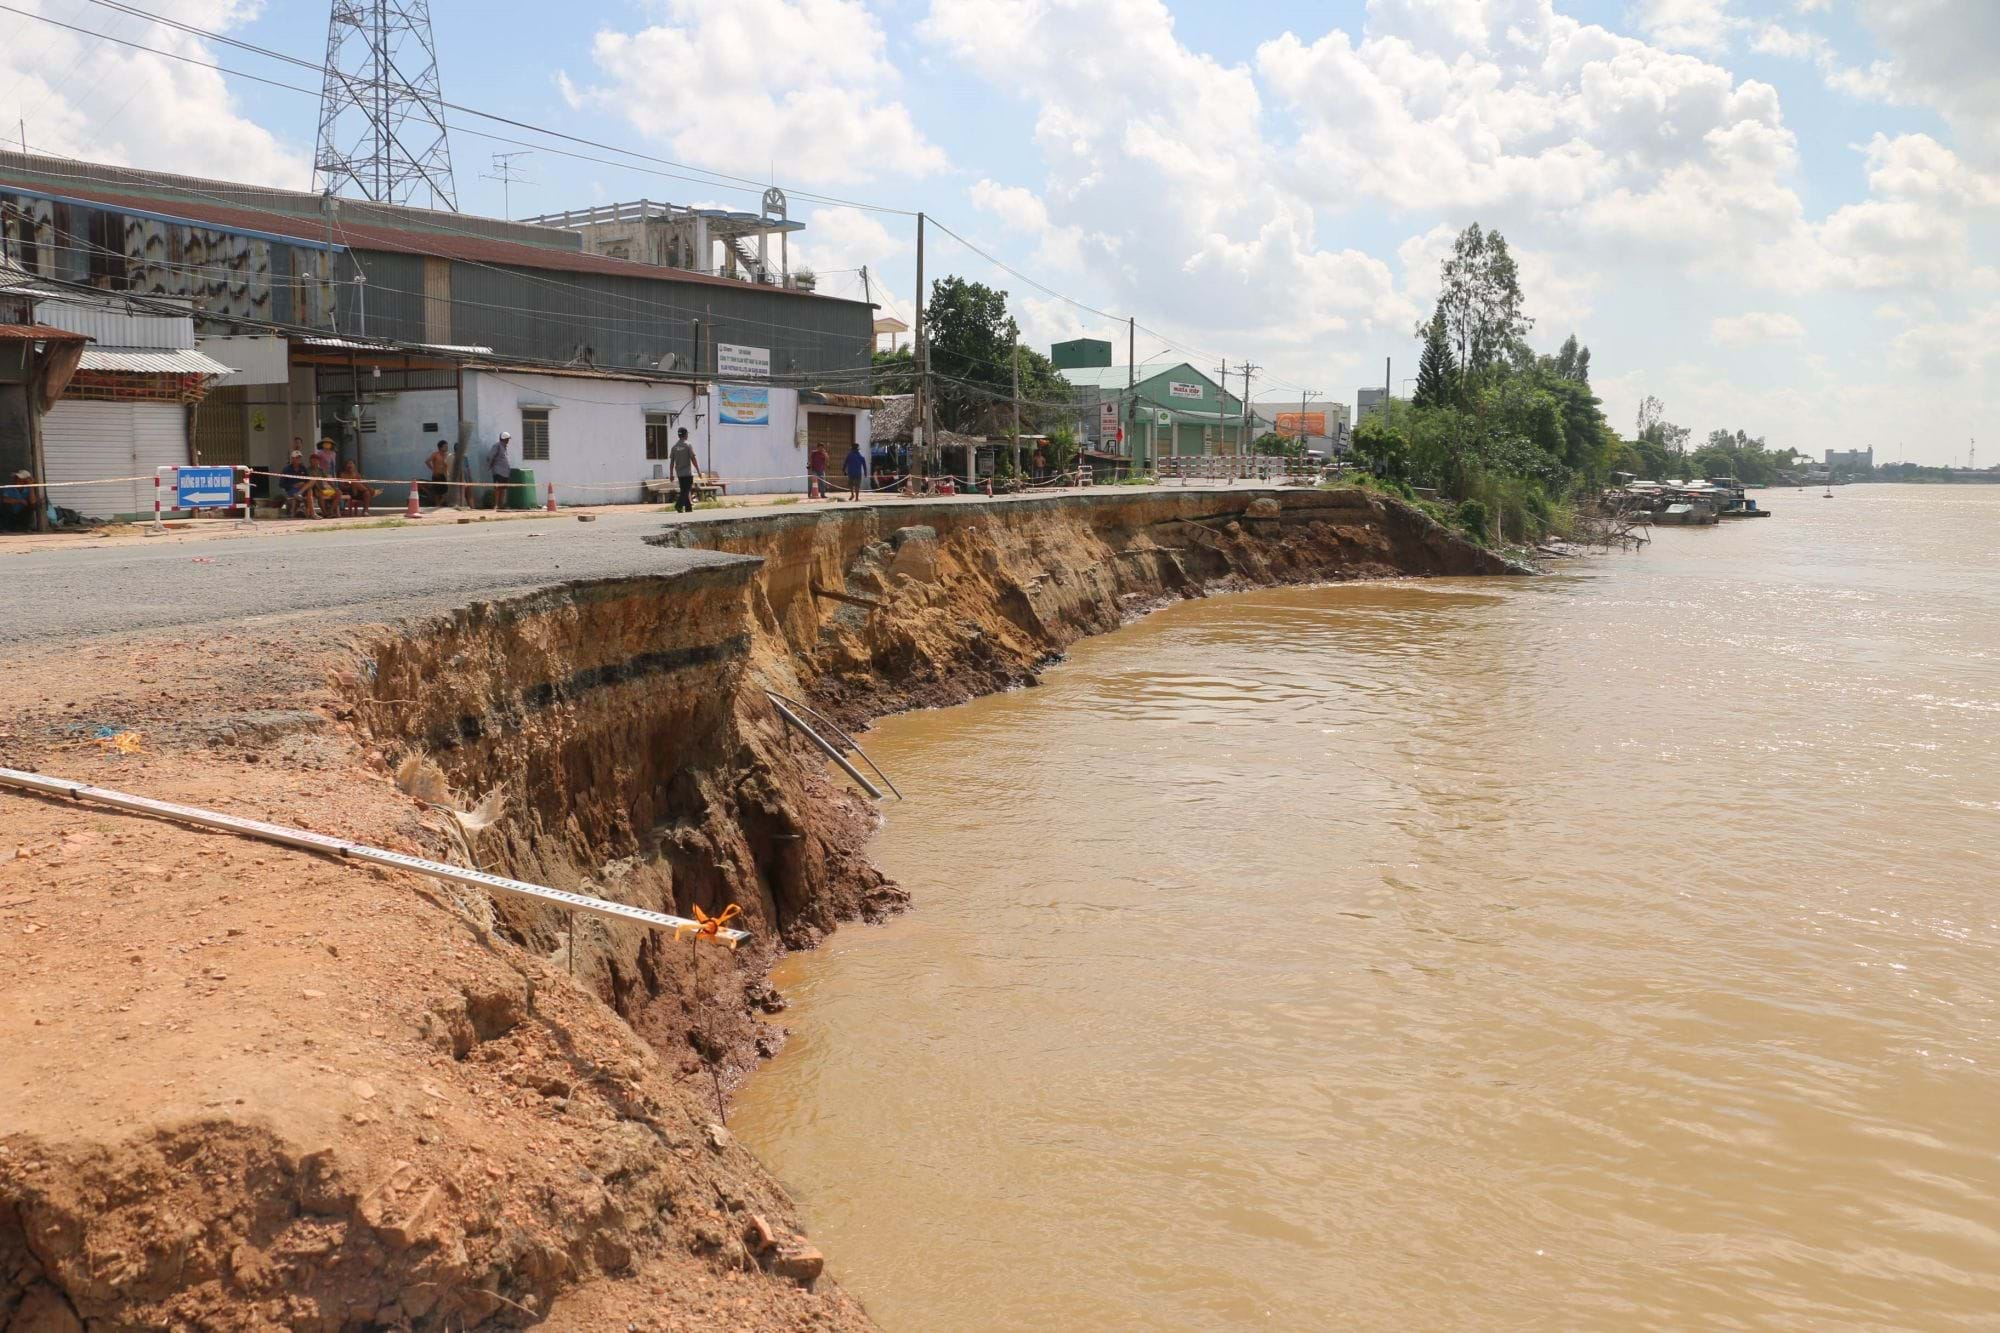 Hà Lan hỗ trợ Việt Nam tìm ra nguyên nhân sụt lún ở đồng bằng sông Cửu Long (28/10/2019)